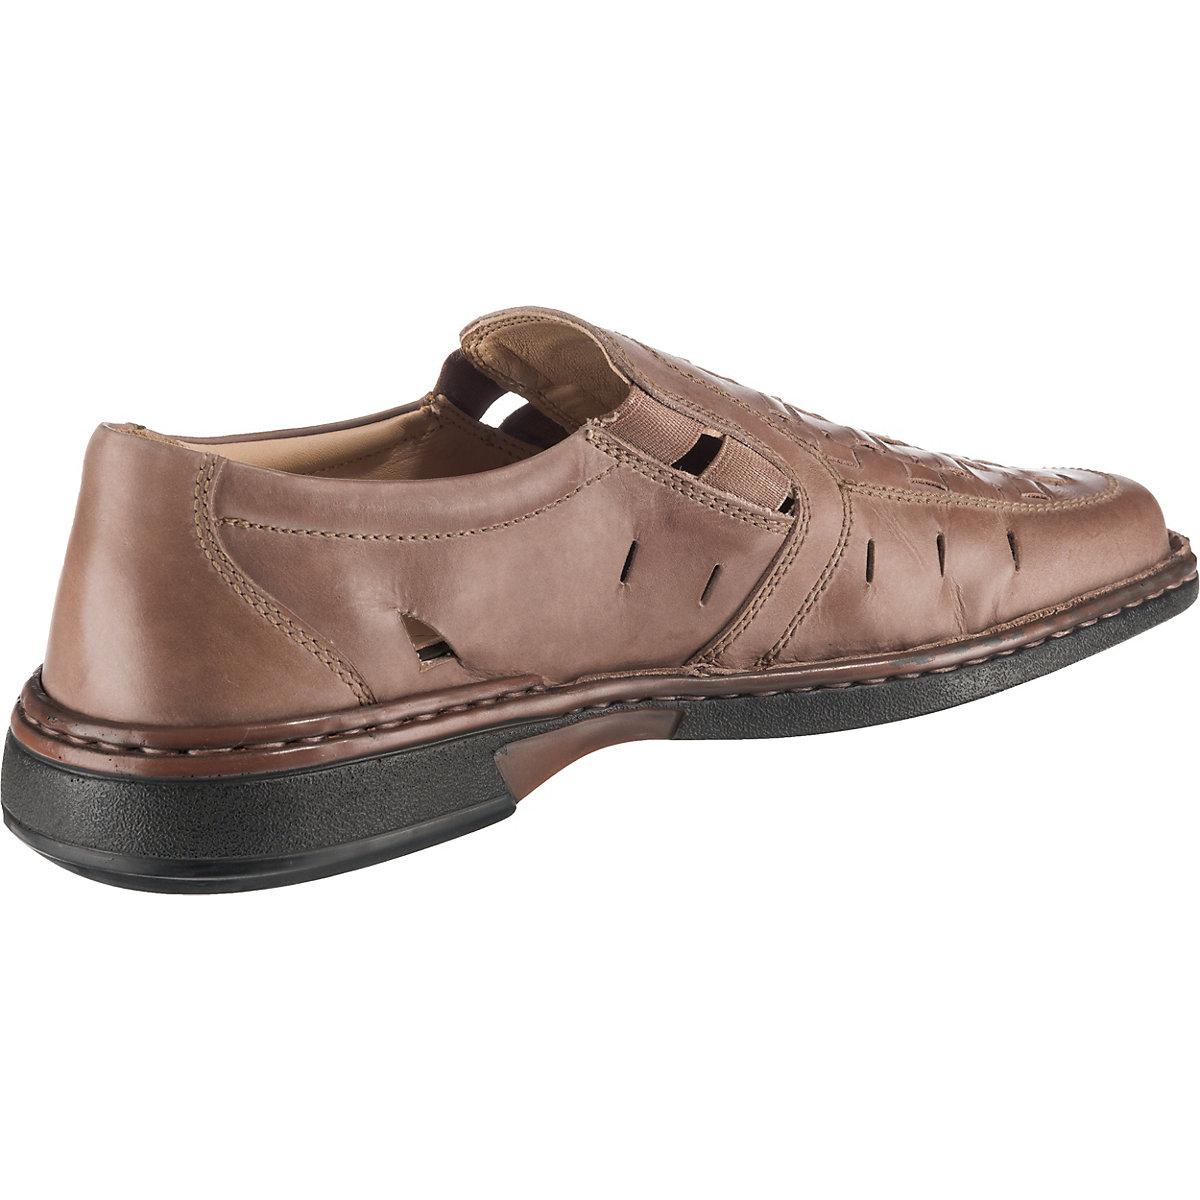 Stoneford, Komfort-slipper, Braun-kombi